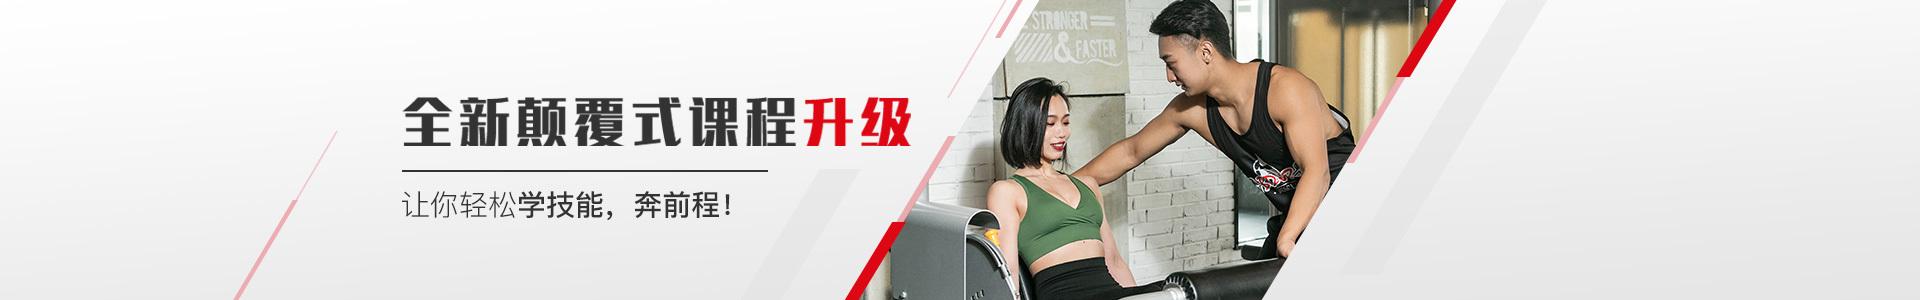 西安567GO健身教练培训学校